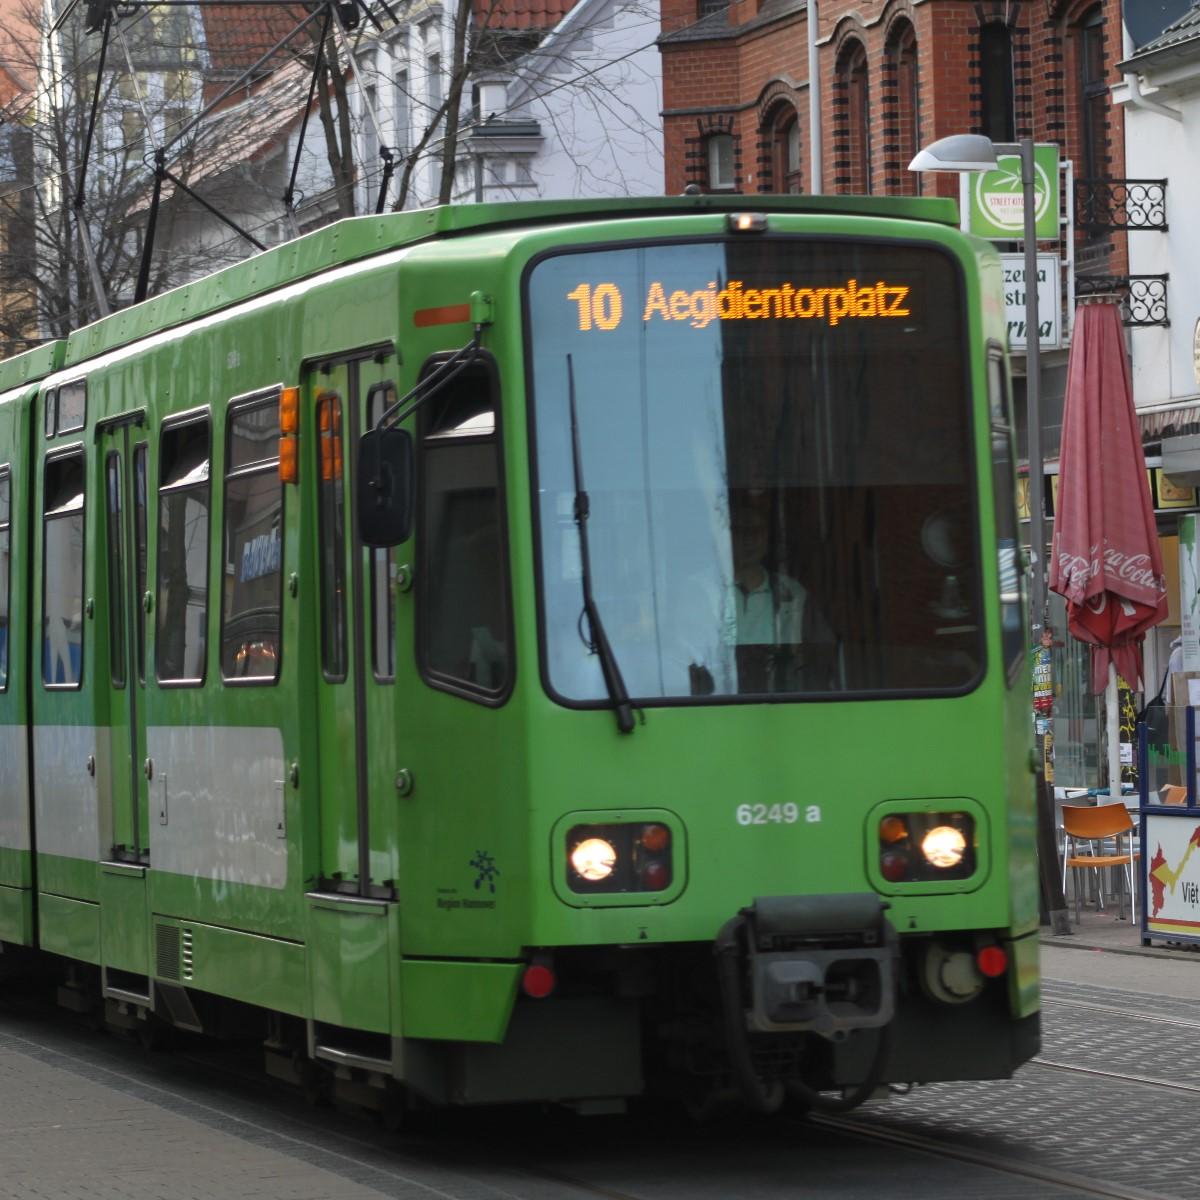 Linie 10: Fährt jetzt Richtung HBF